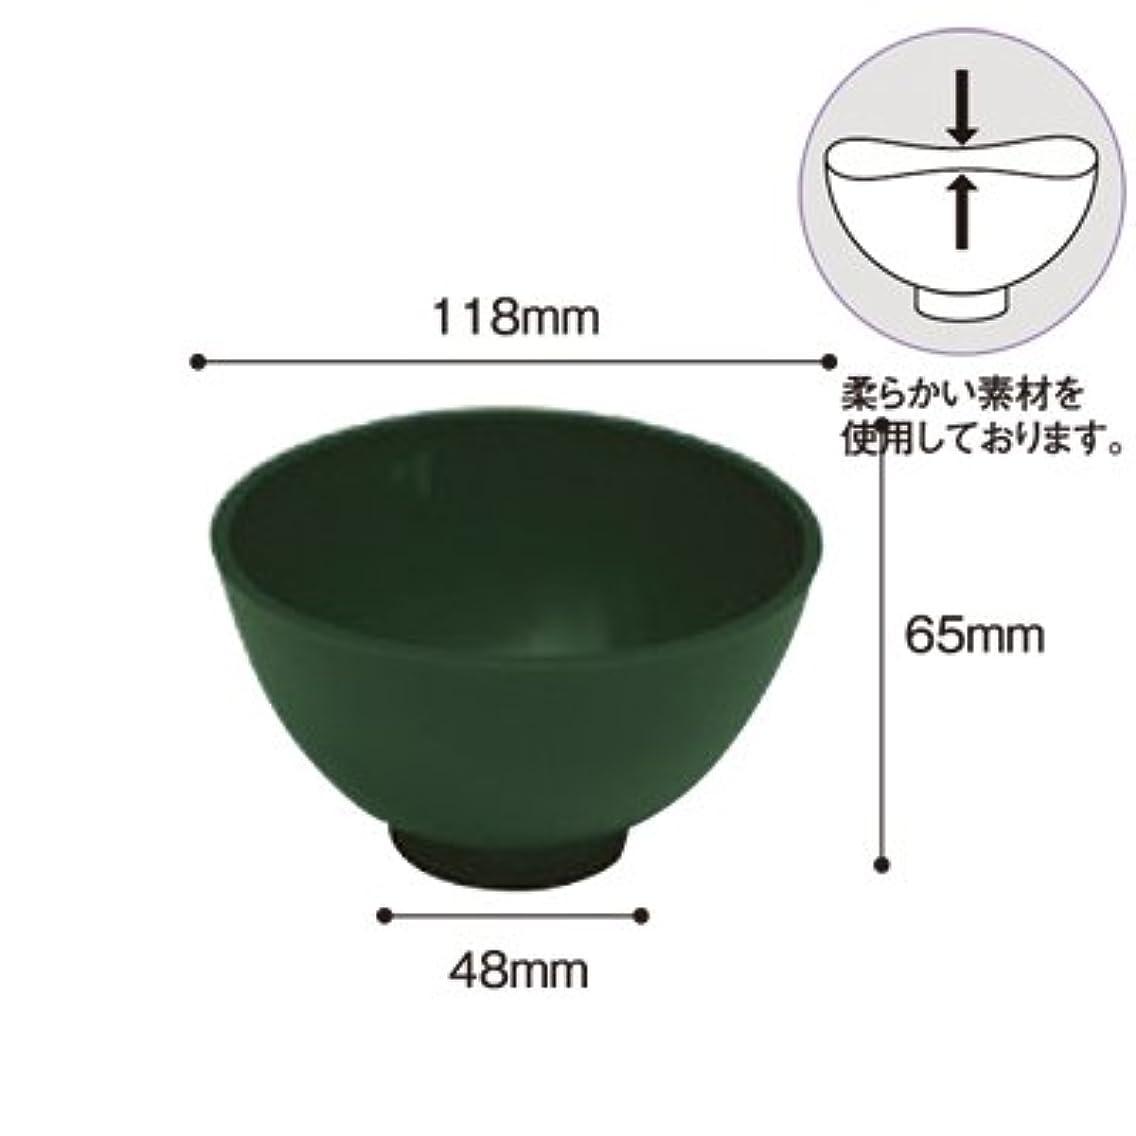 とげ見積り凝縮する(ロータス)LOTUS ラバーボウル エステ サロン 割れない カップ 歯科 Mサイズ (直径:127mm)グリーン